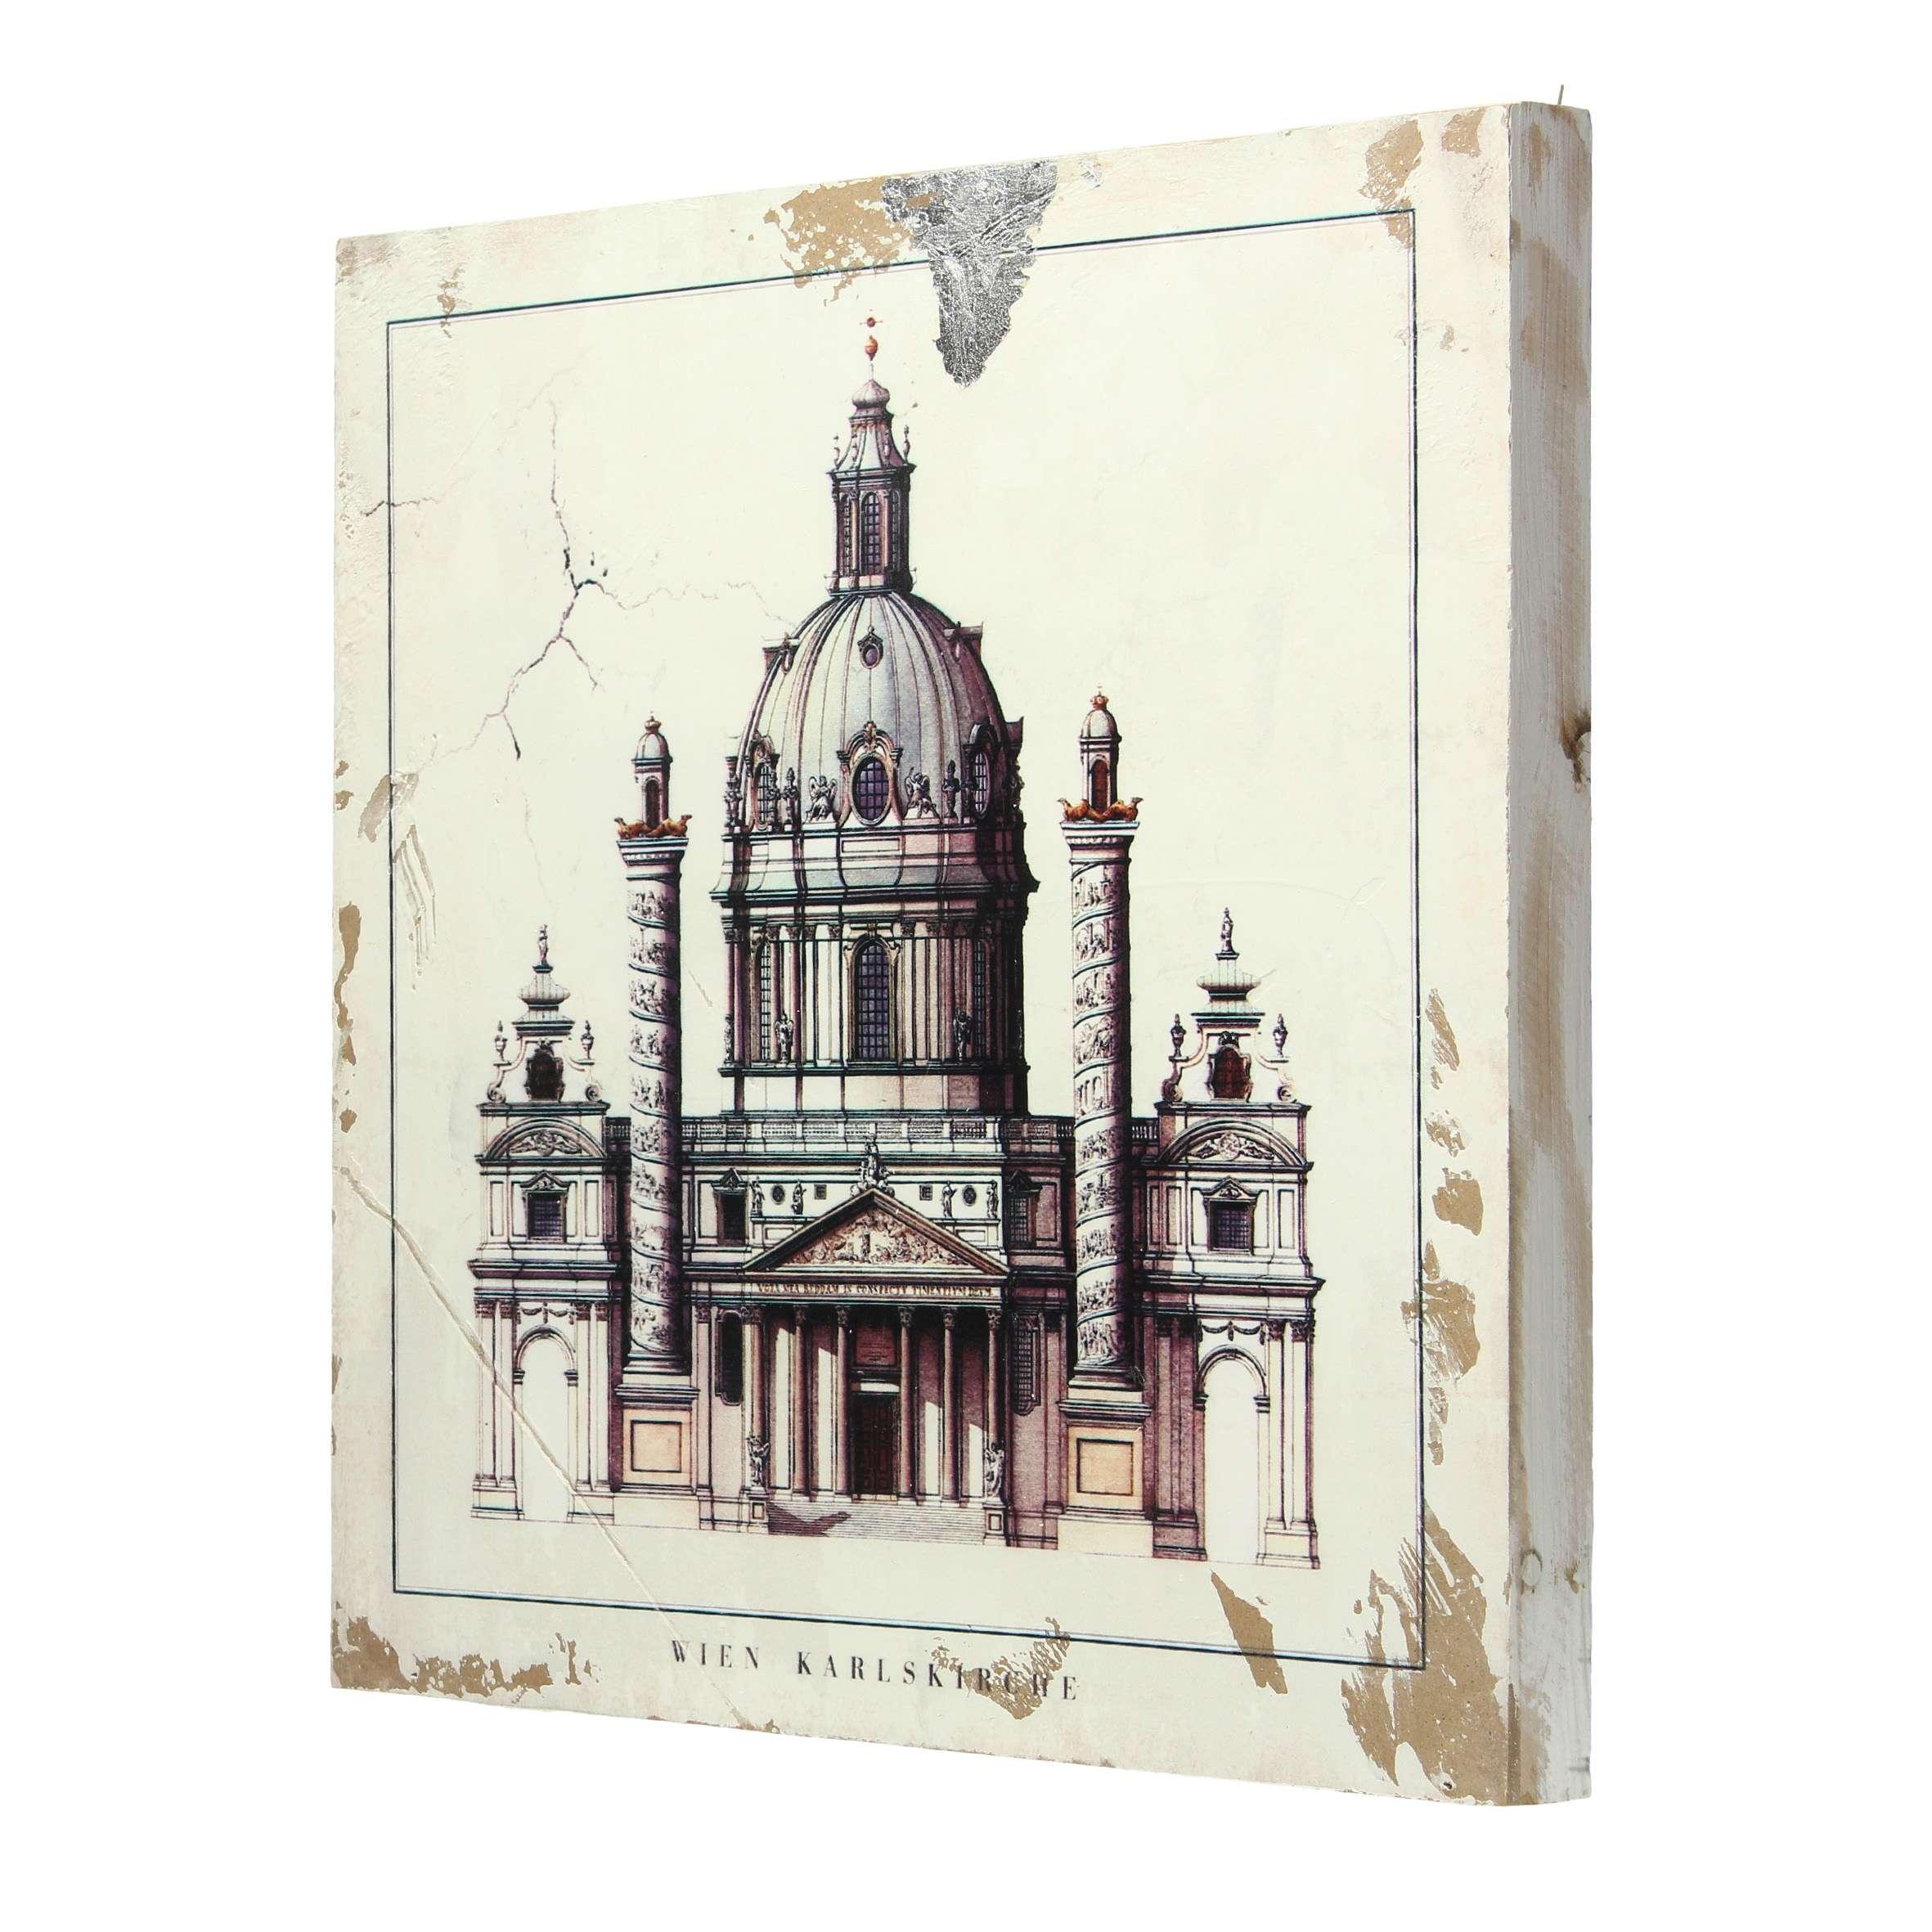 Bild auf Holz Karlskirche 40x40cm